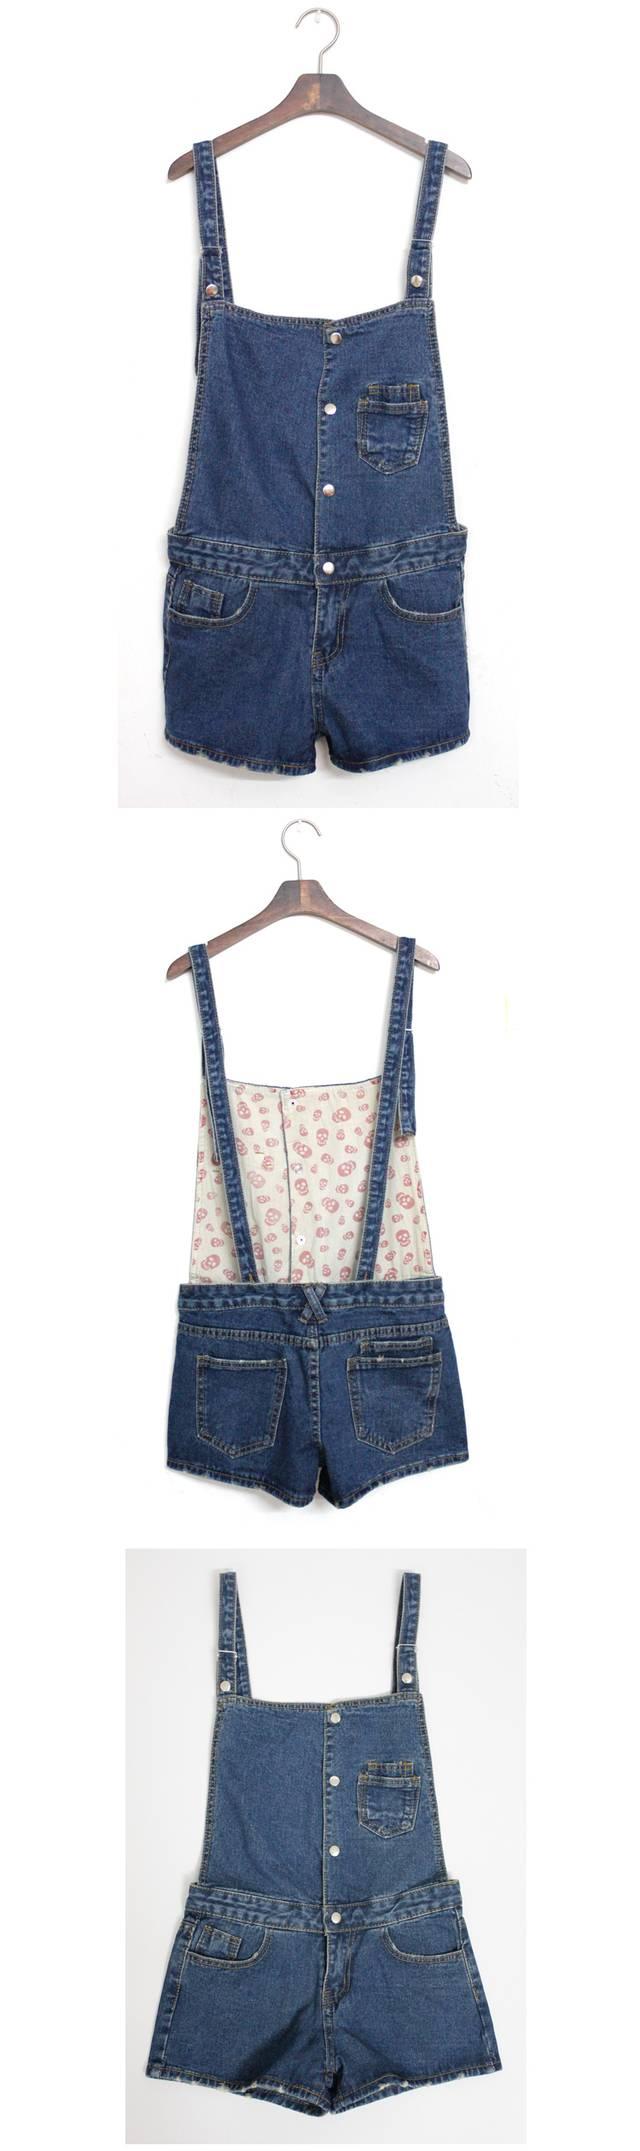 连体短裤2014新款